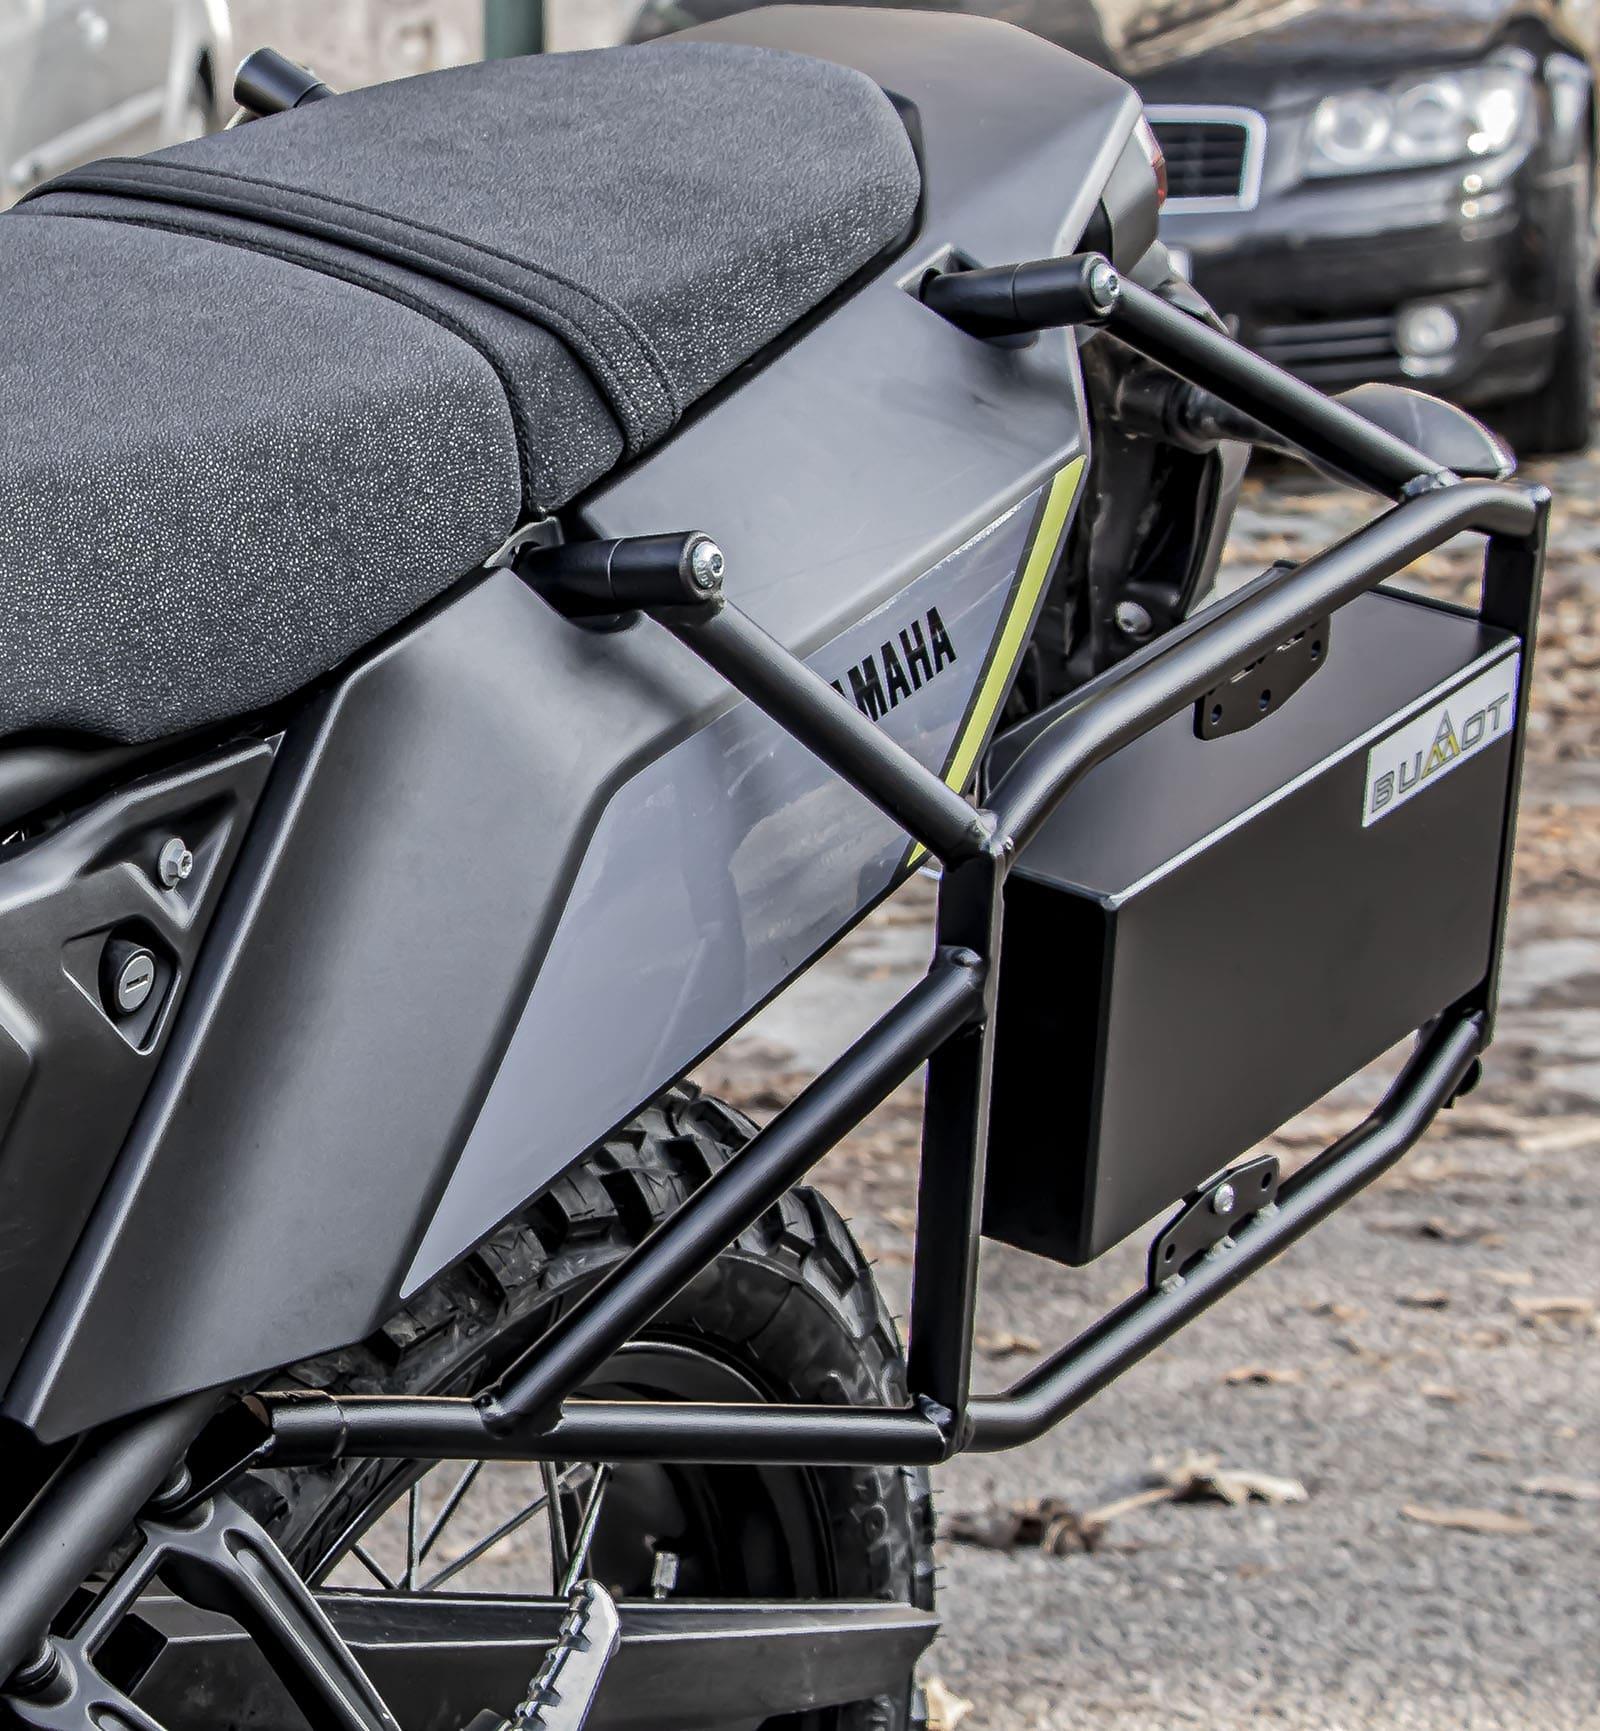 Pannier racks T700